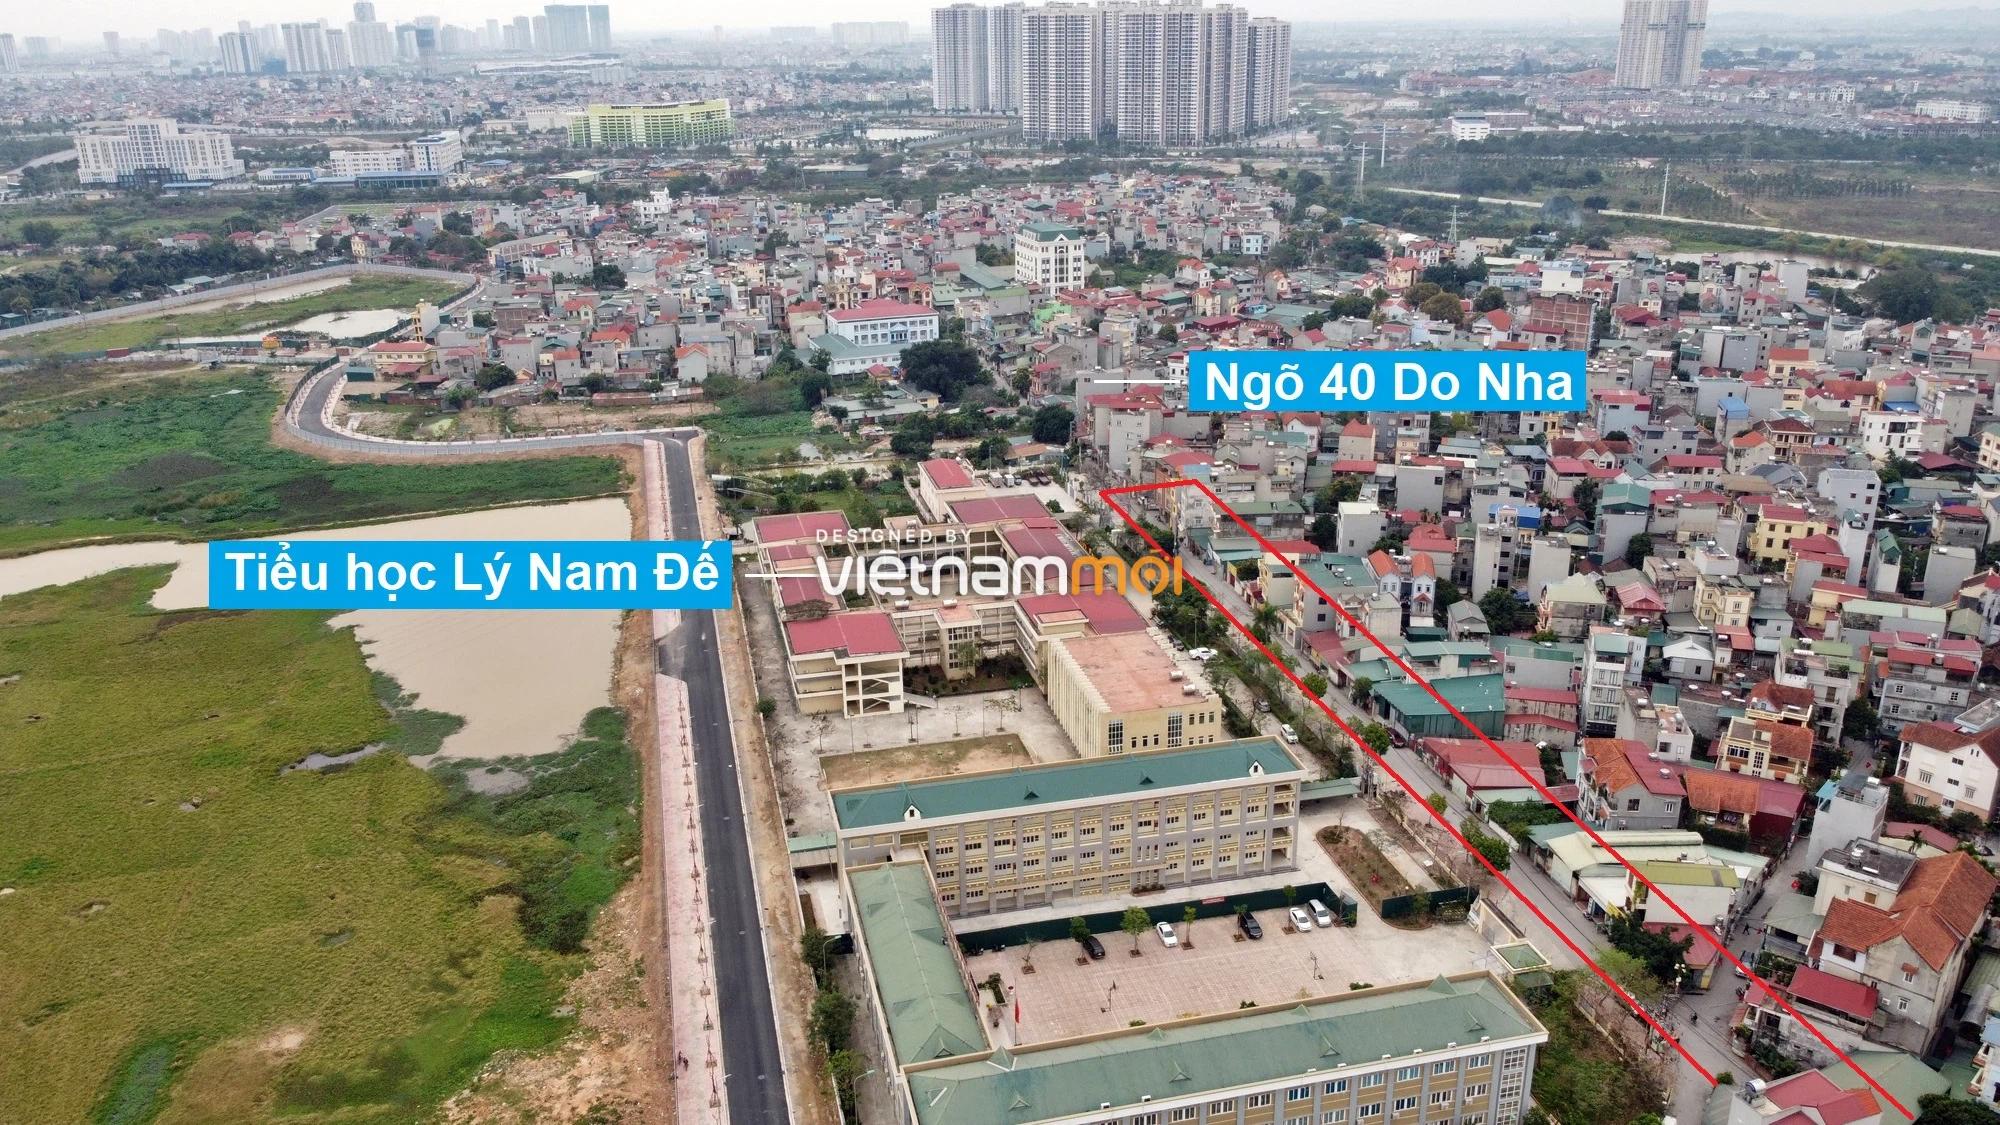 Những khu đất sắp thu hồi để mở đường ở phường Tây Mỗ, Nam Từ Liêm, Hà Nội (phần 6) - Ảnh 9.